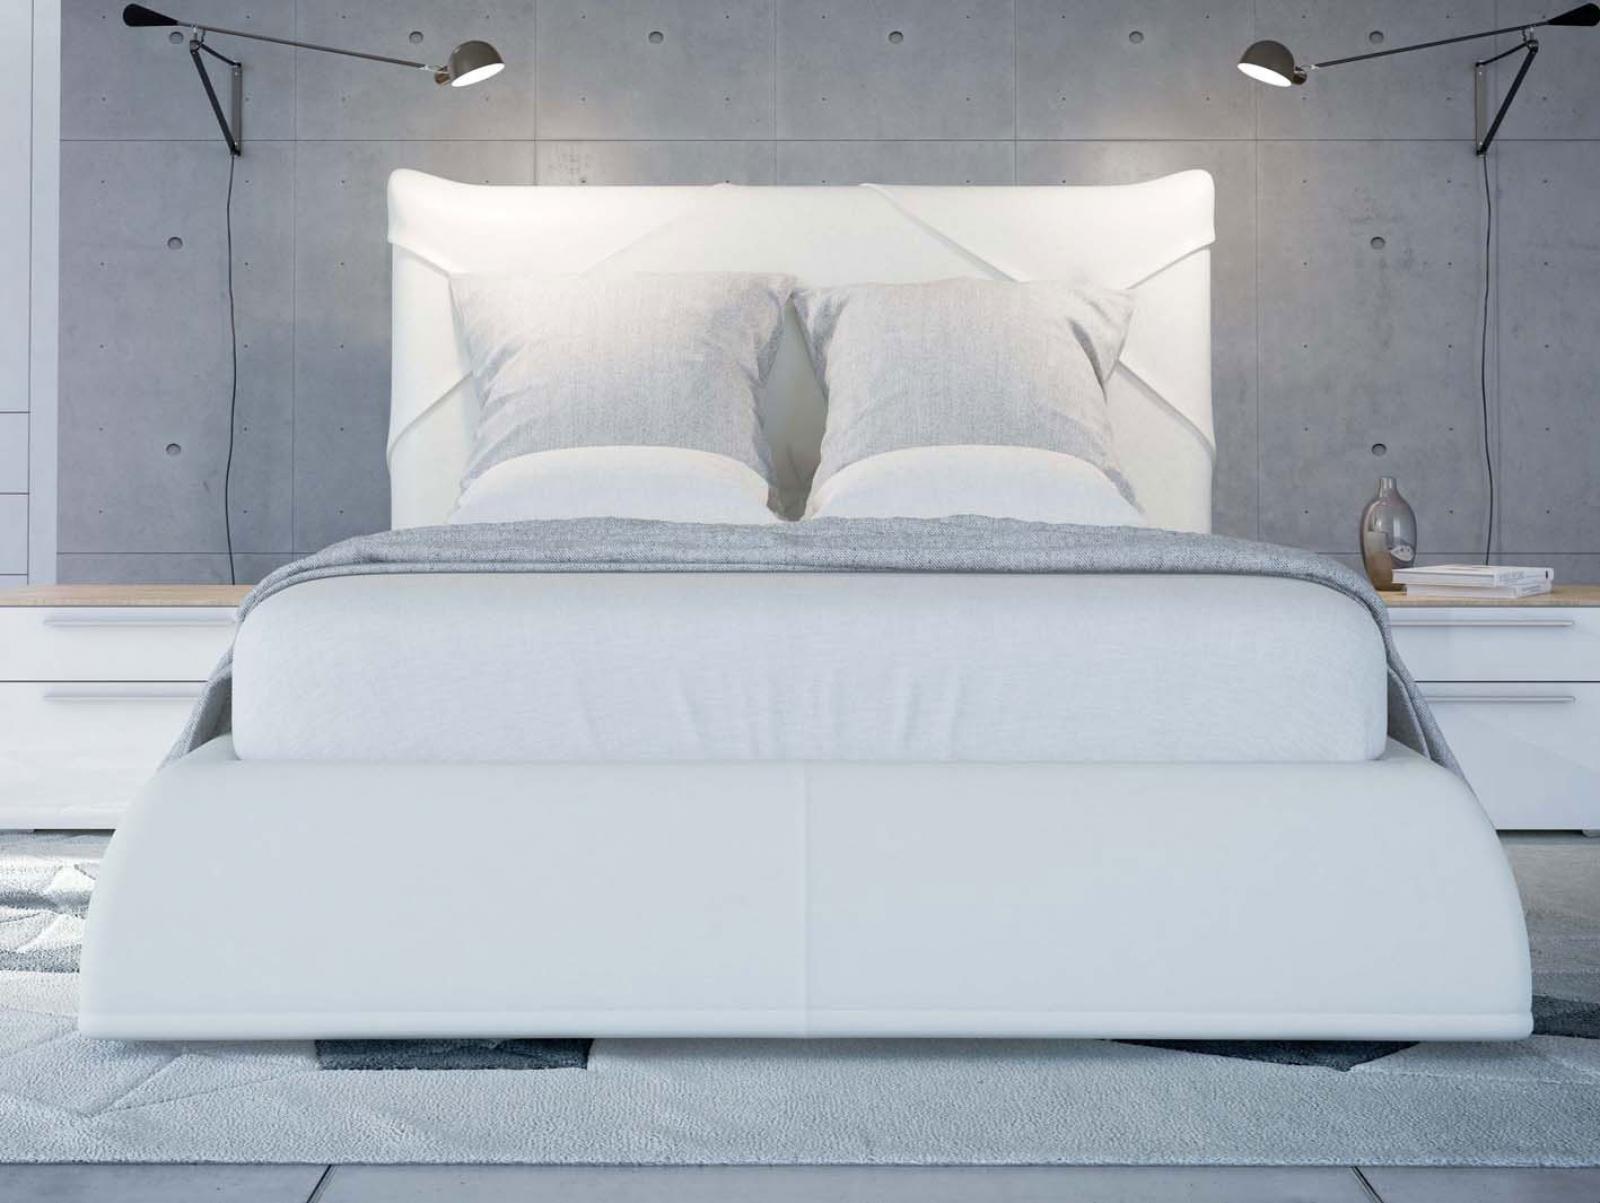 SOLO Белый глянец 800.0816-B Кровать для подъемного основания  1600*2000 - 1